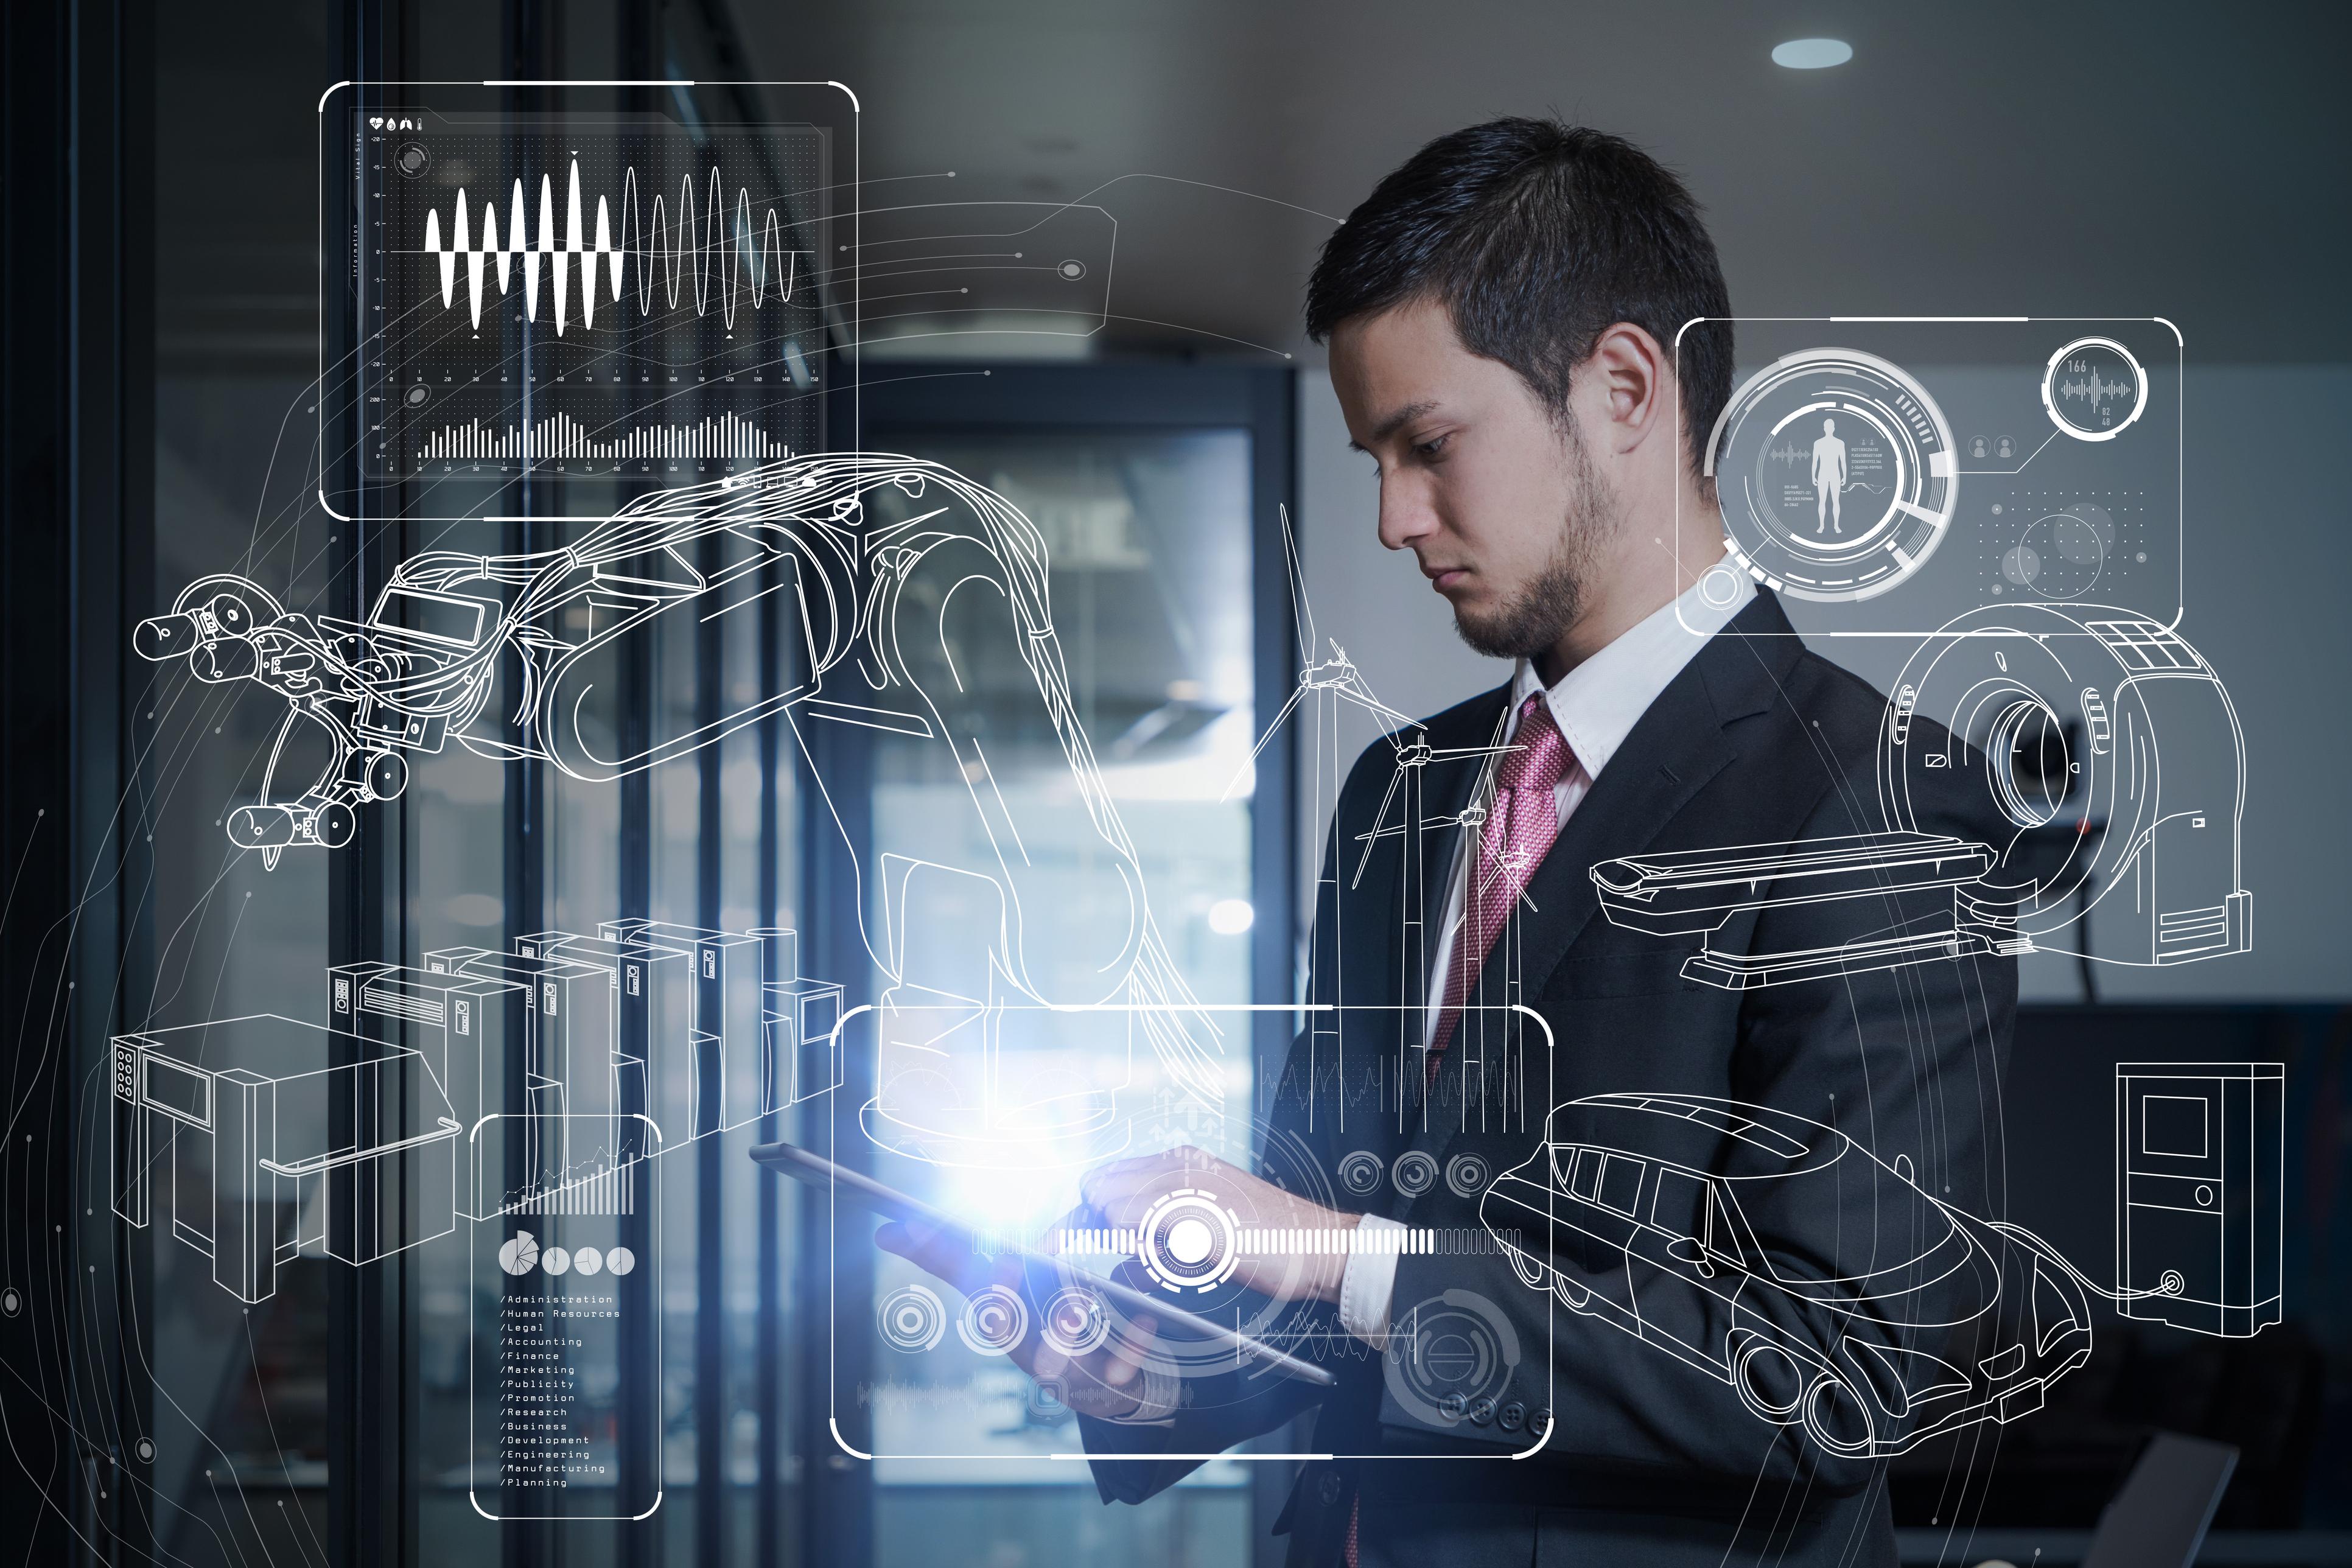 【ベトナム語・機械・電気・情報系】ロボティクス事業部 / 生産ラインの自動化に関する提案のお仕事